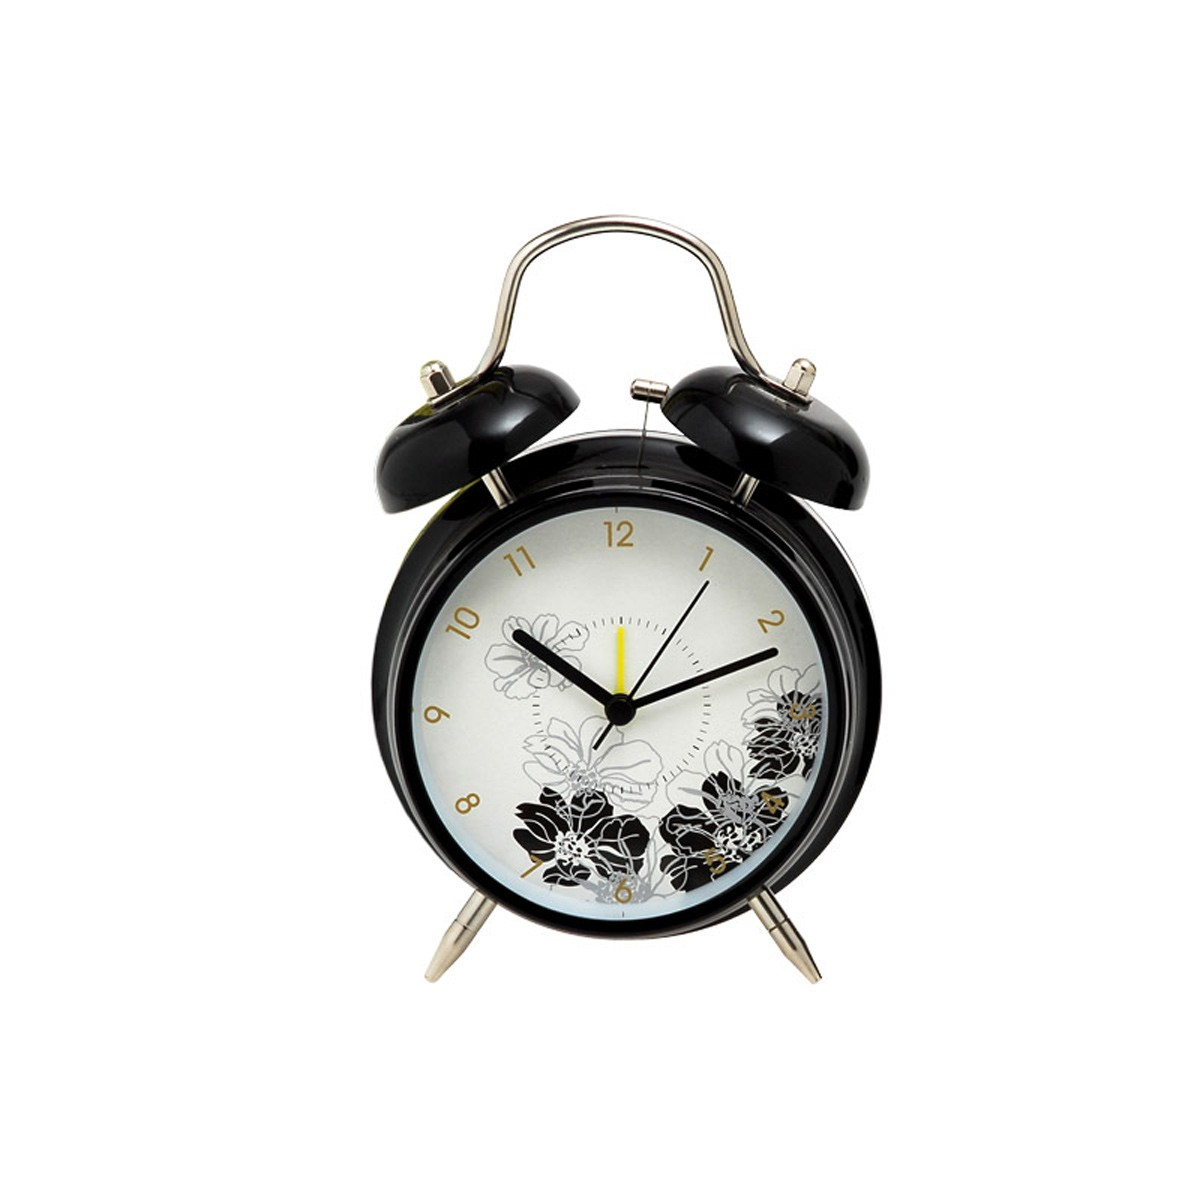 Επιτραπέζιο Ρολόι - Ξυπνητήρι Home Design DAN40/4B Black